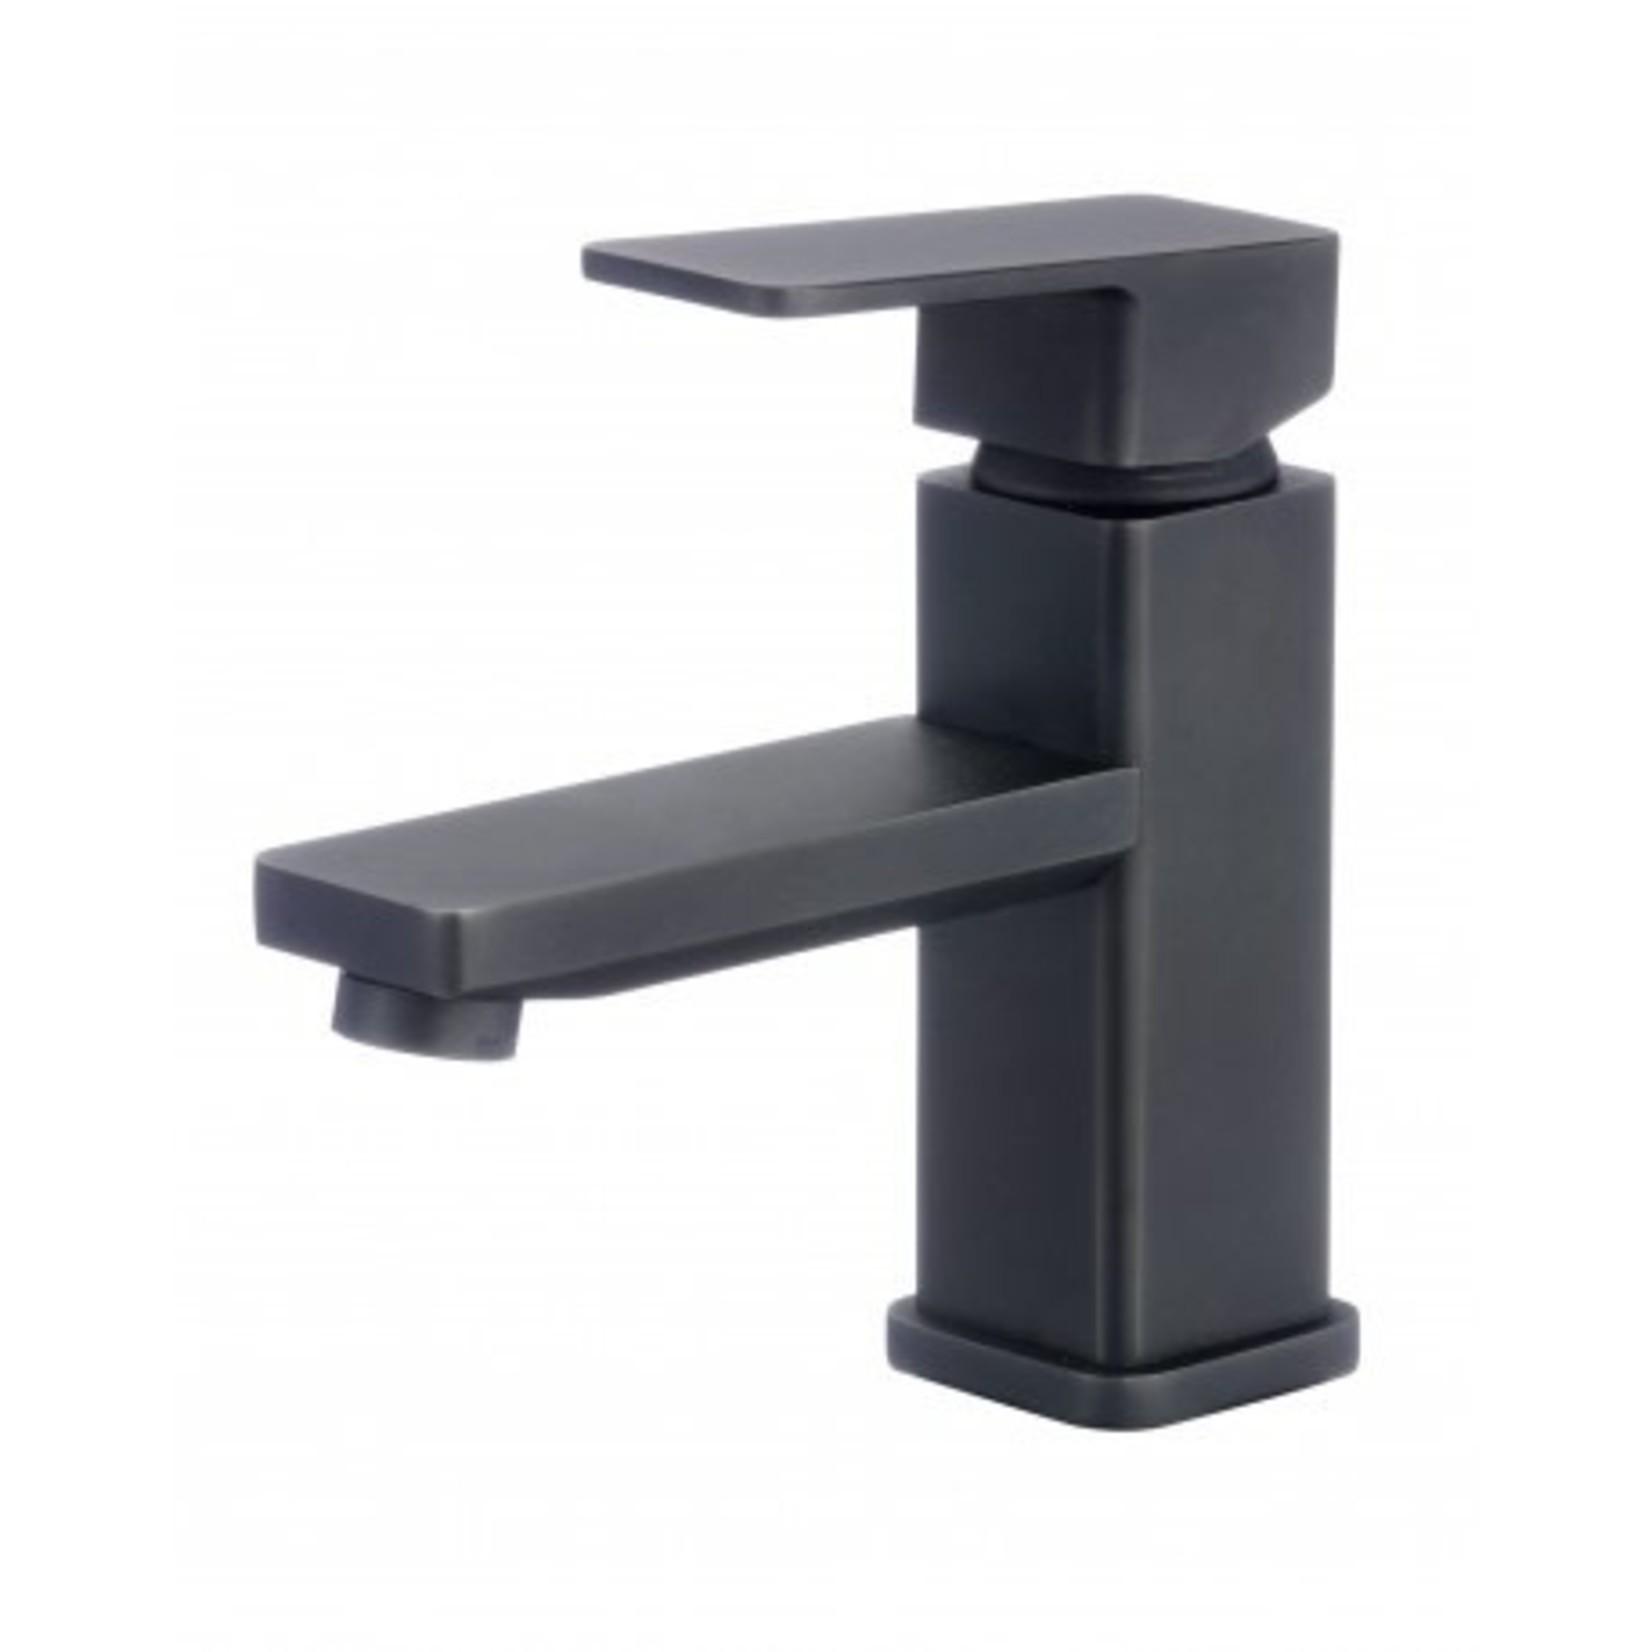 Matte Black Lavatory Faucet 153-11